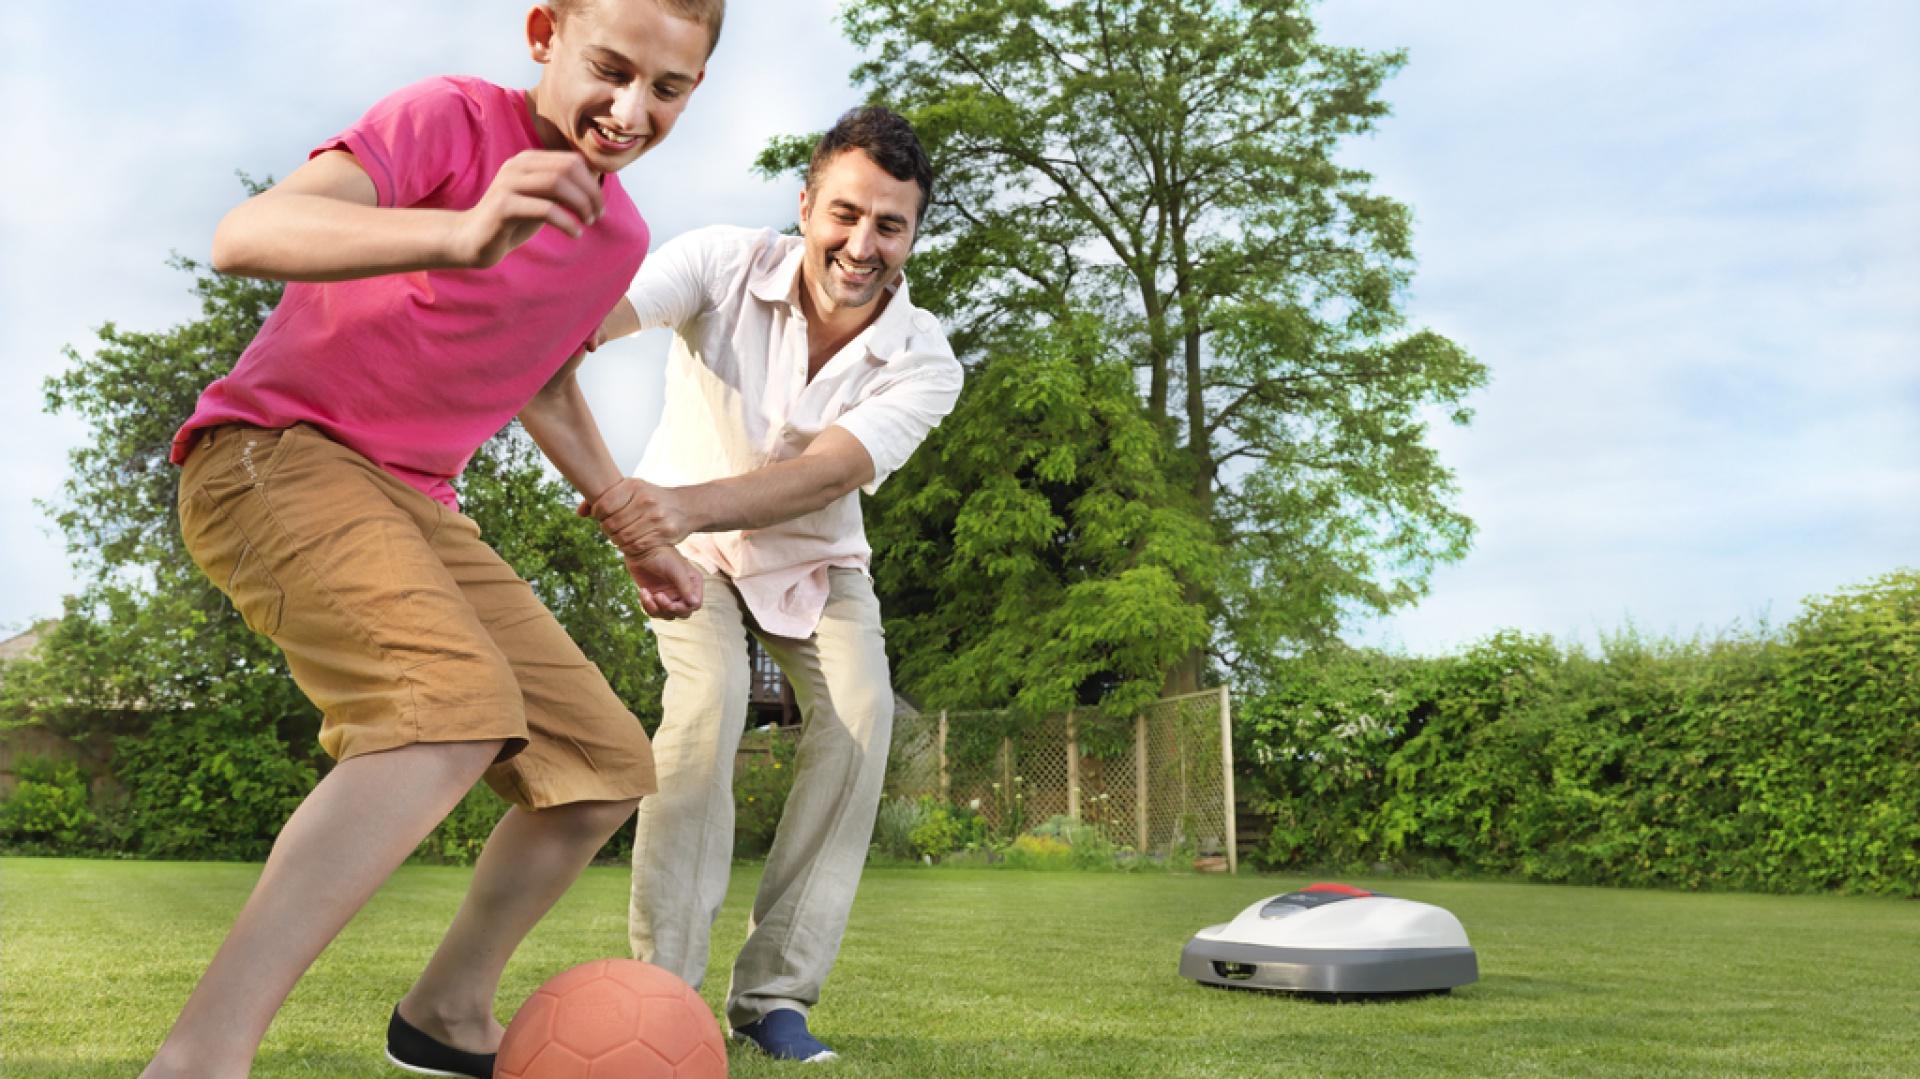 Zadbany trawnik sprawi, że z przyjemnością będziemy spędzali czas w ogrodzie. Fot. Honda